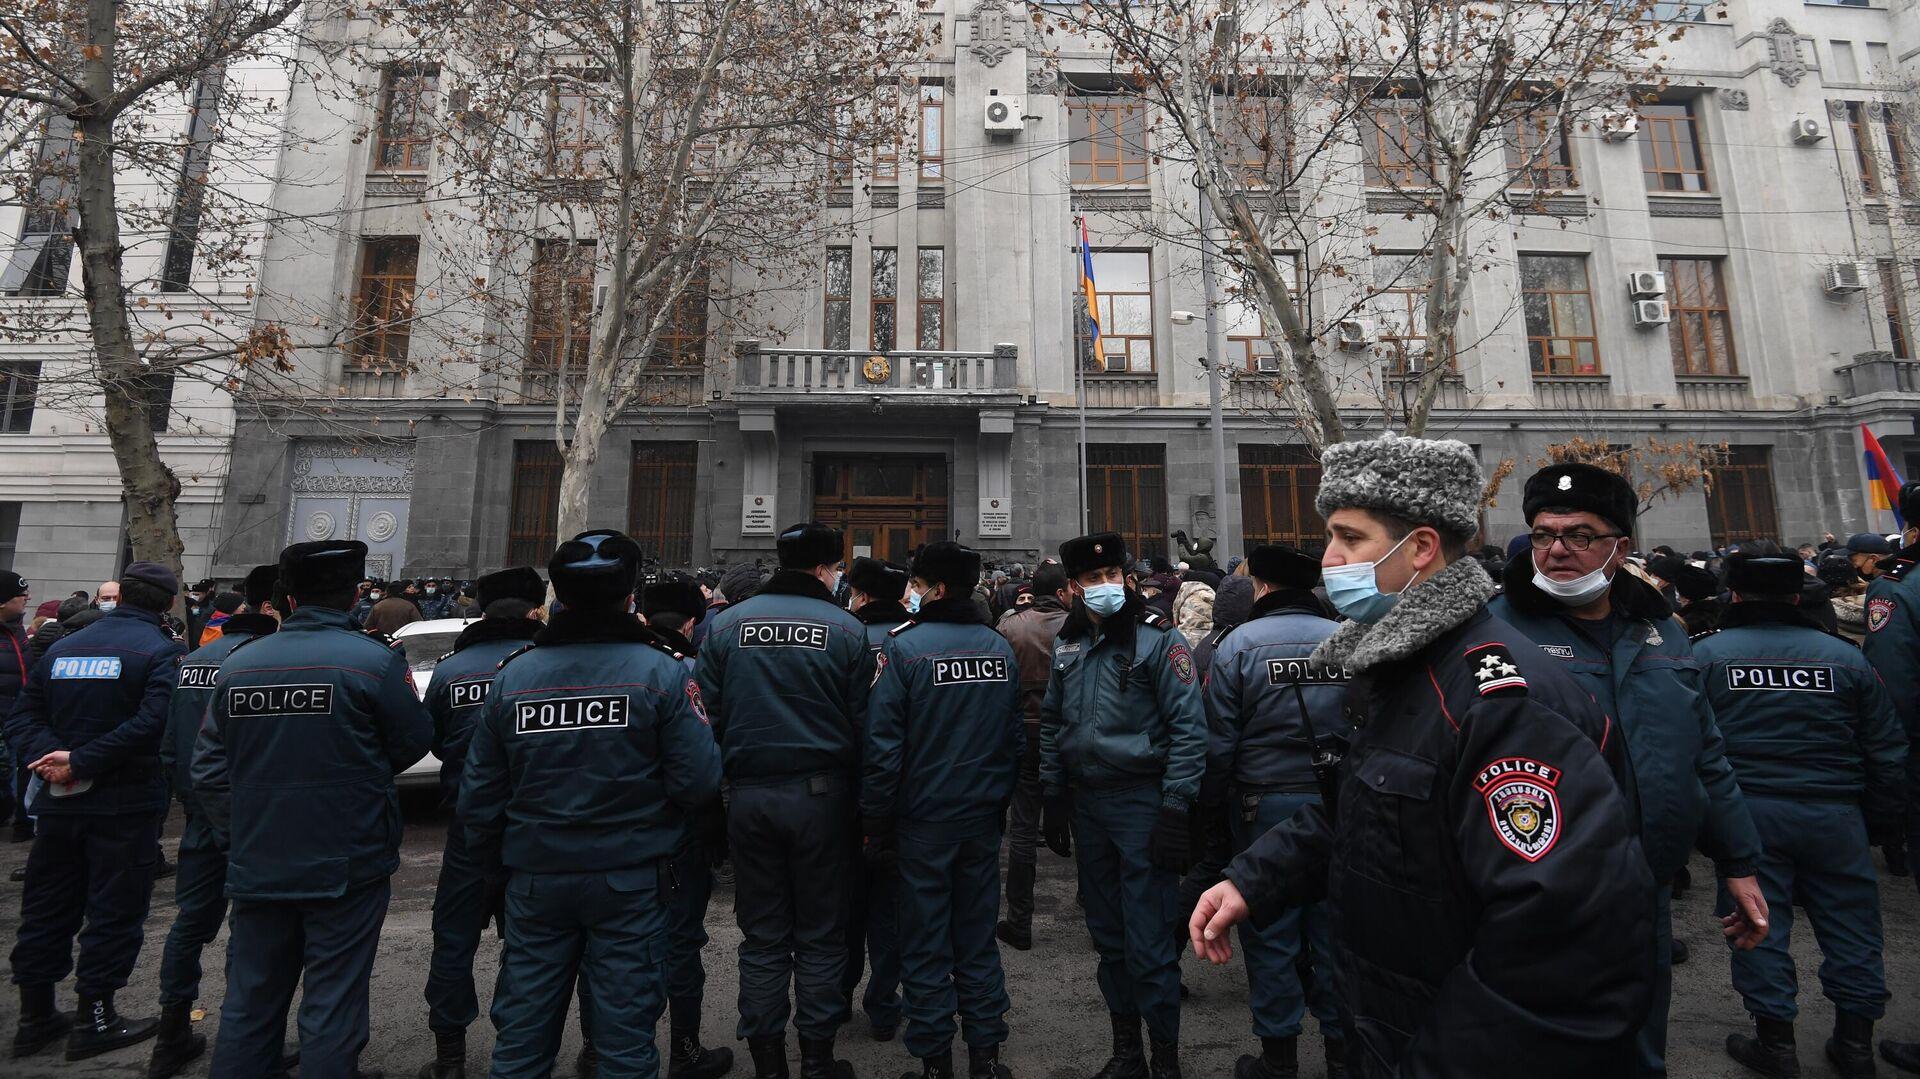 Полицейские и участники акции протеста с требованием отставки премьер-министра Армении Никола Пашиняна возле здания генеральной прокуратуры в Ереване - РИА Новости, 1920, 25.02.2021